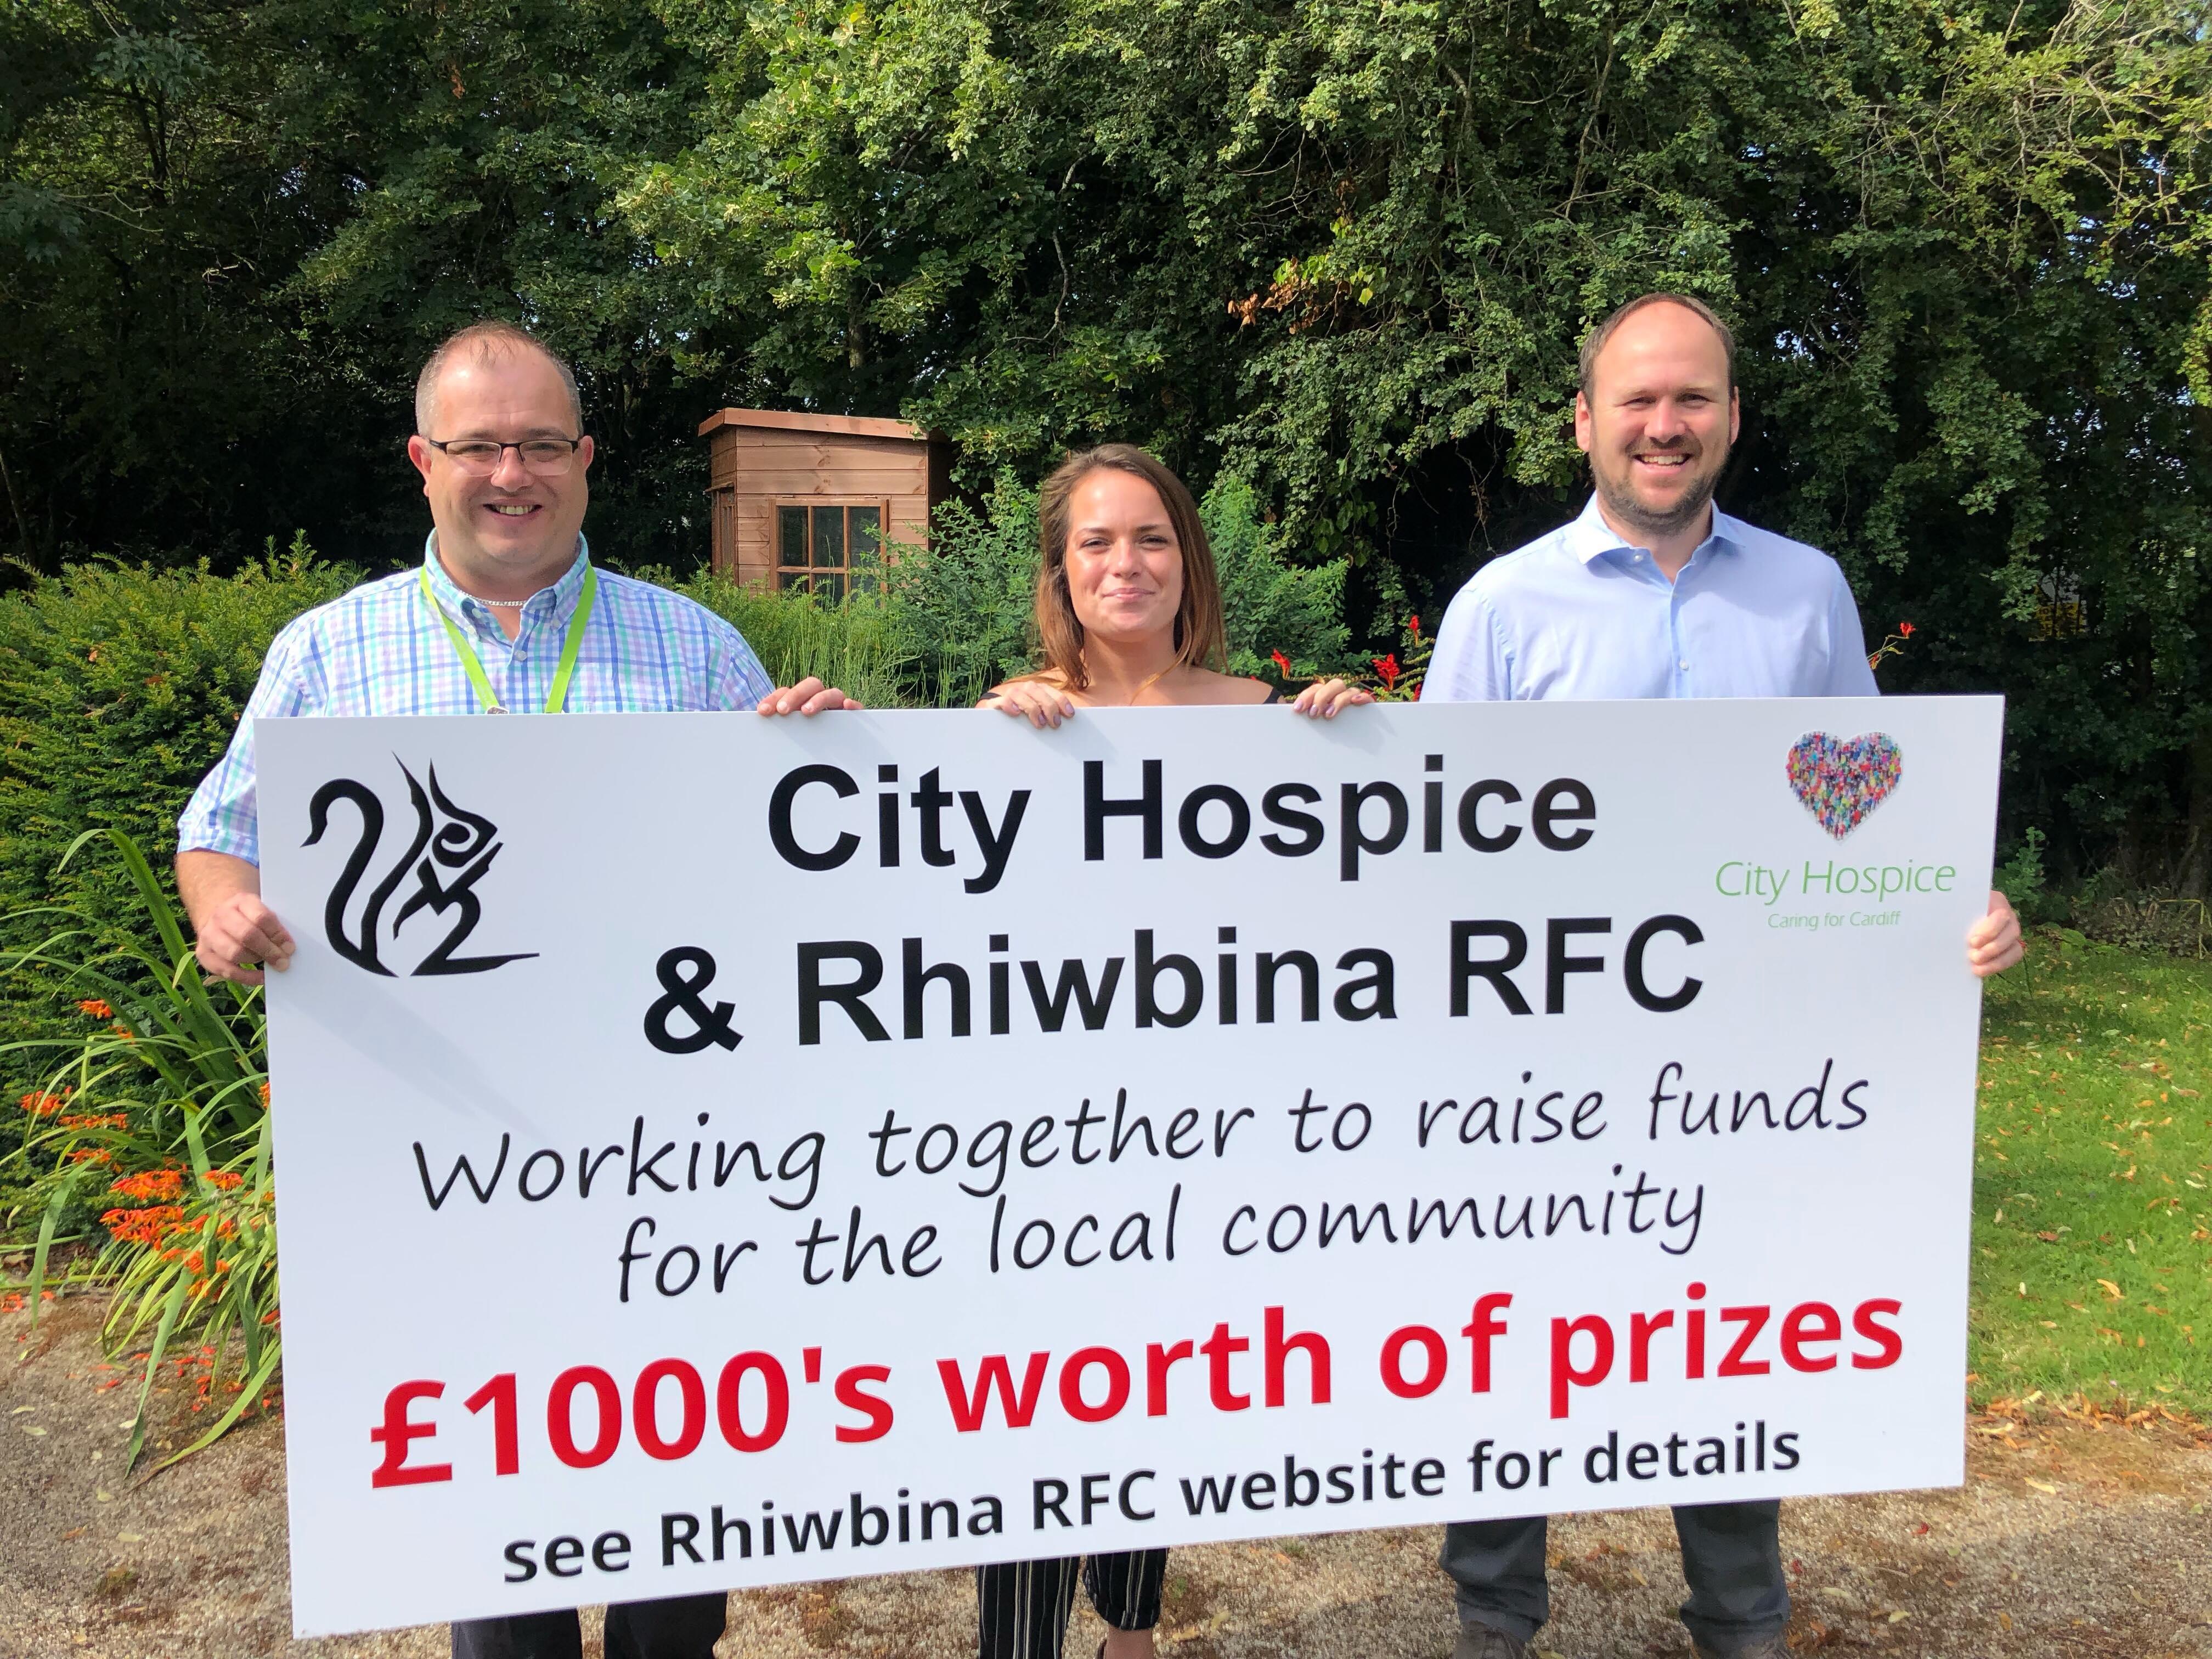 Rhiwbina RFC support Cardiff local hospice